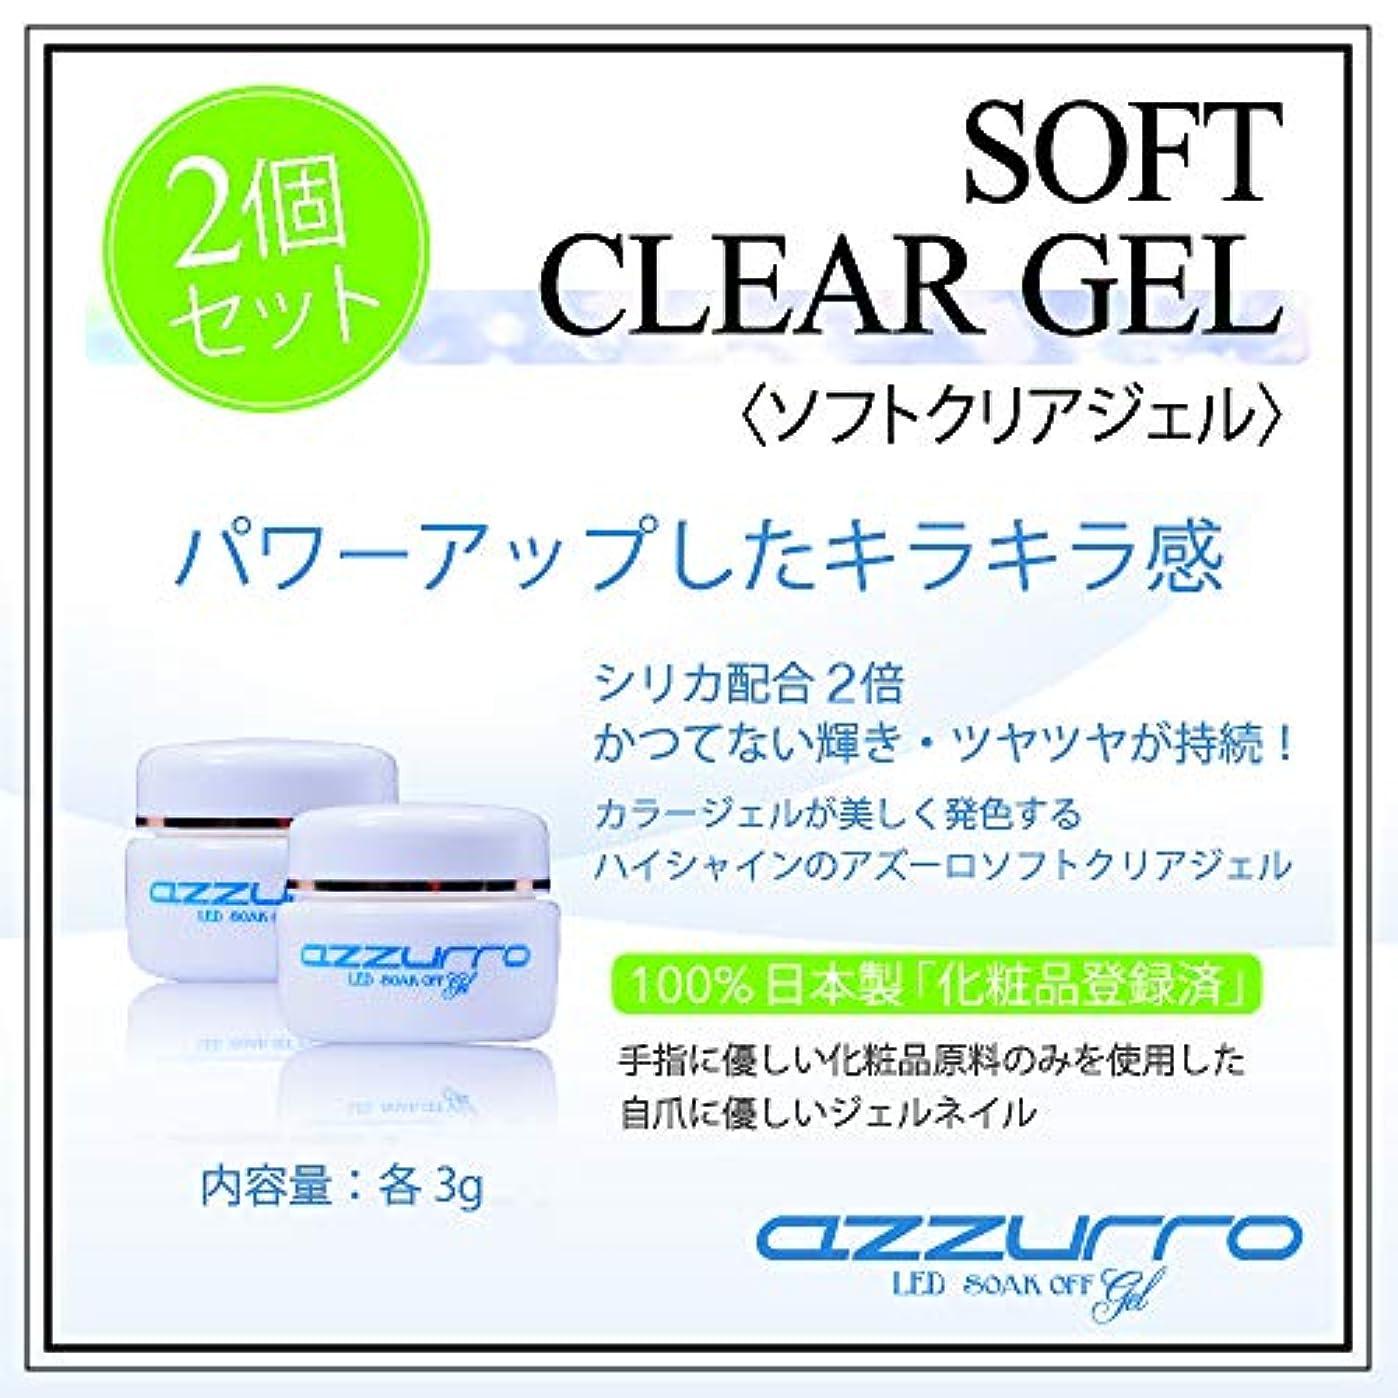 階月面サーキュレーションazzurro gel アッズーロ ソフトクリアージェル お得な2個セット ツヤツヤ キラキラ感持続 抜群のツヤ 爪に優しい日本製 3g